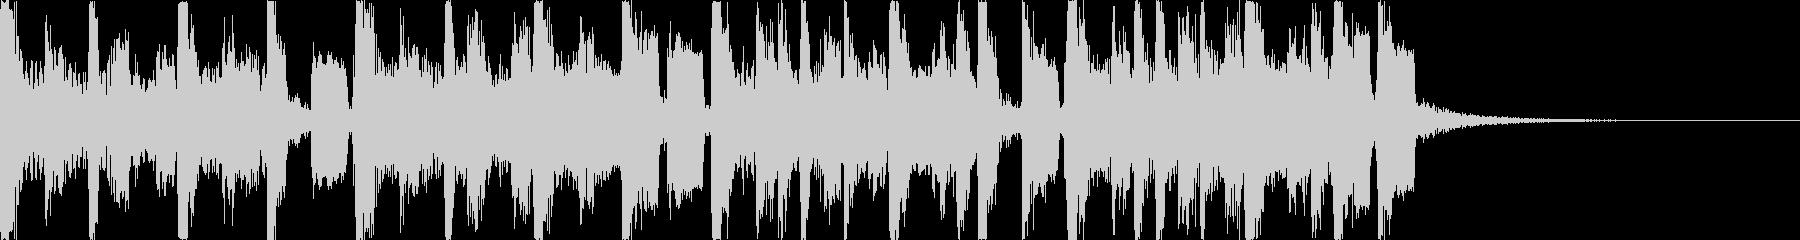 軽快・幻想的スタイリッシュEDMジングルの未再生の波形